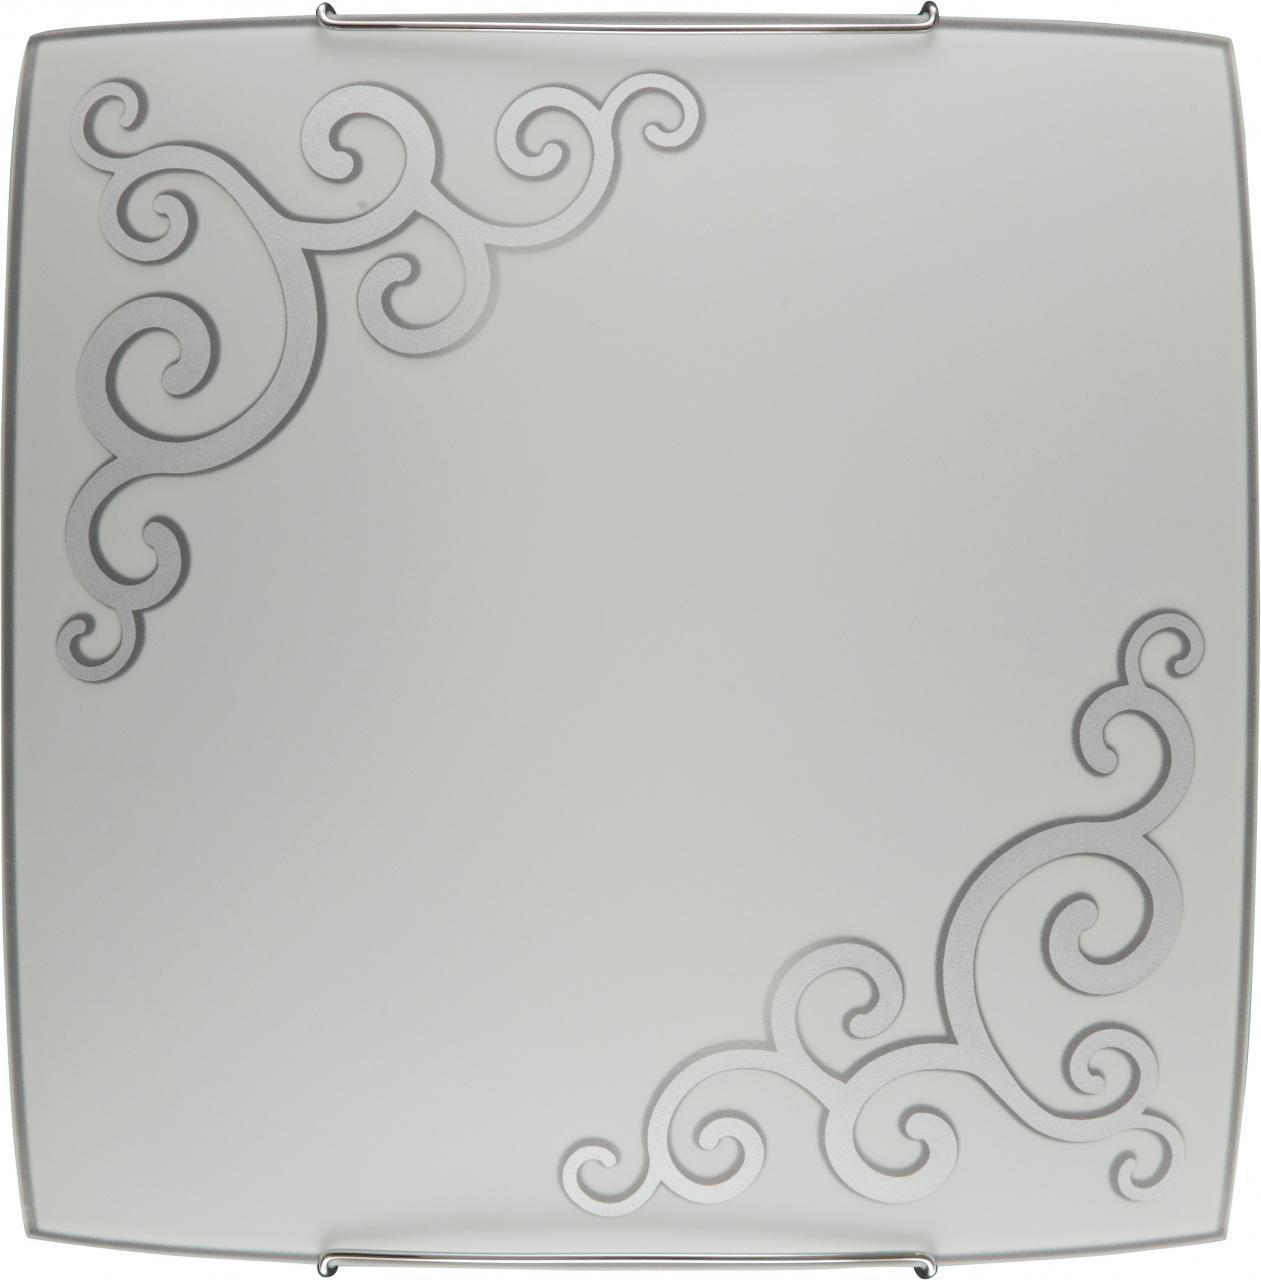 Настенно-потолочный светильник Nowodvorski Arabeska Silver 3701 настенно потолочный светильник nowodvorski jasmine 5625 jasmine 1